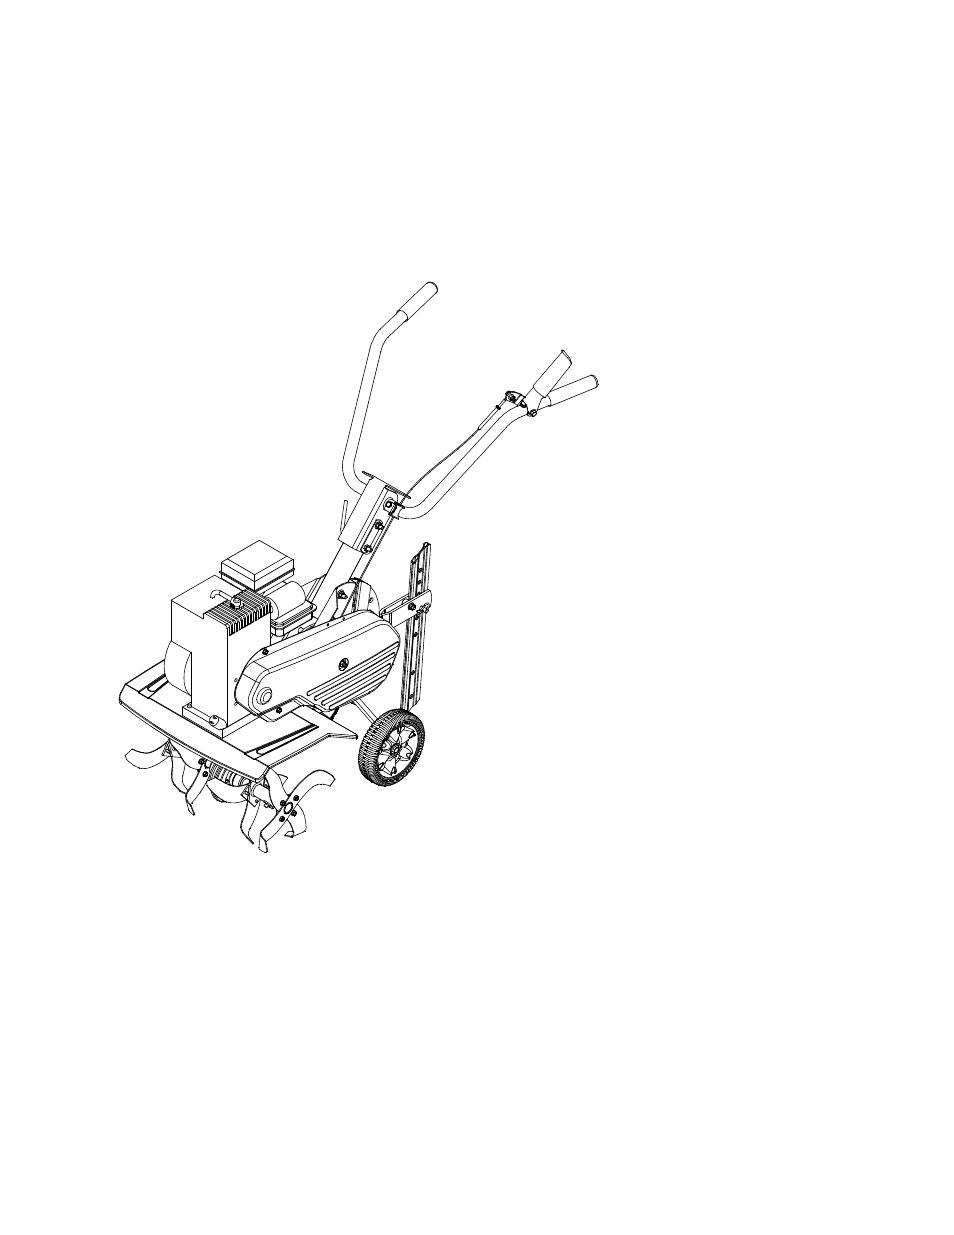 MTD Front Tine Tiller 300 User Manual   20 pages   Also for: Front Tine  Tiller 330